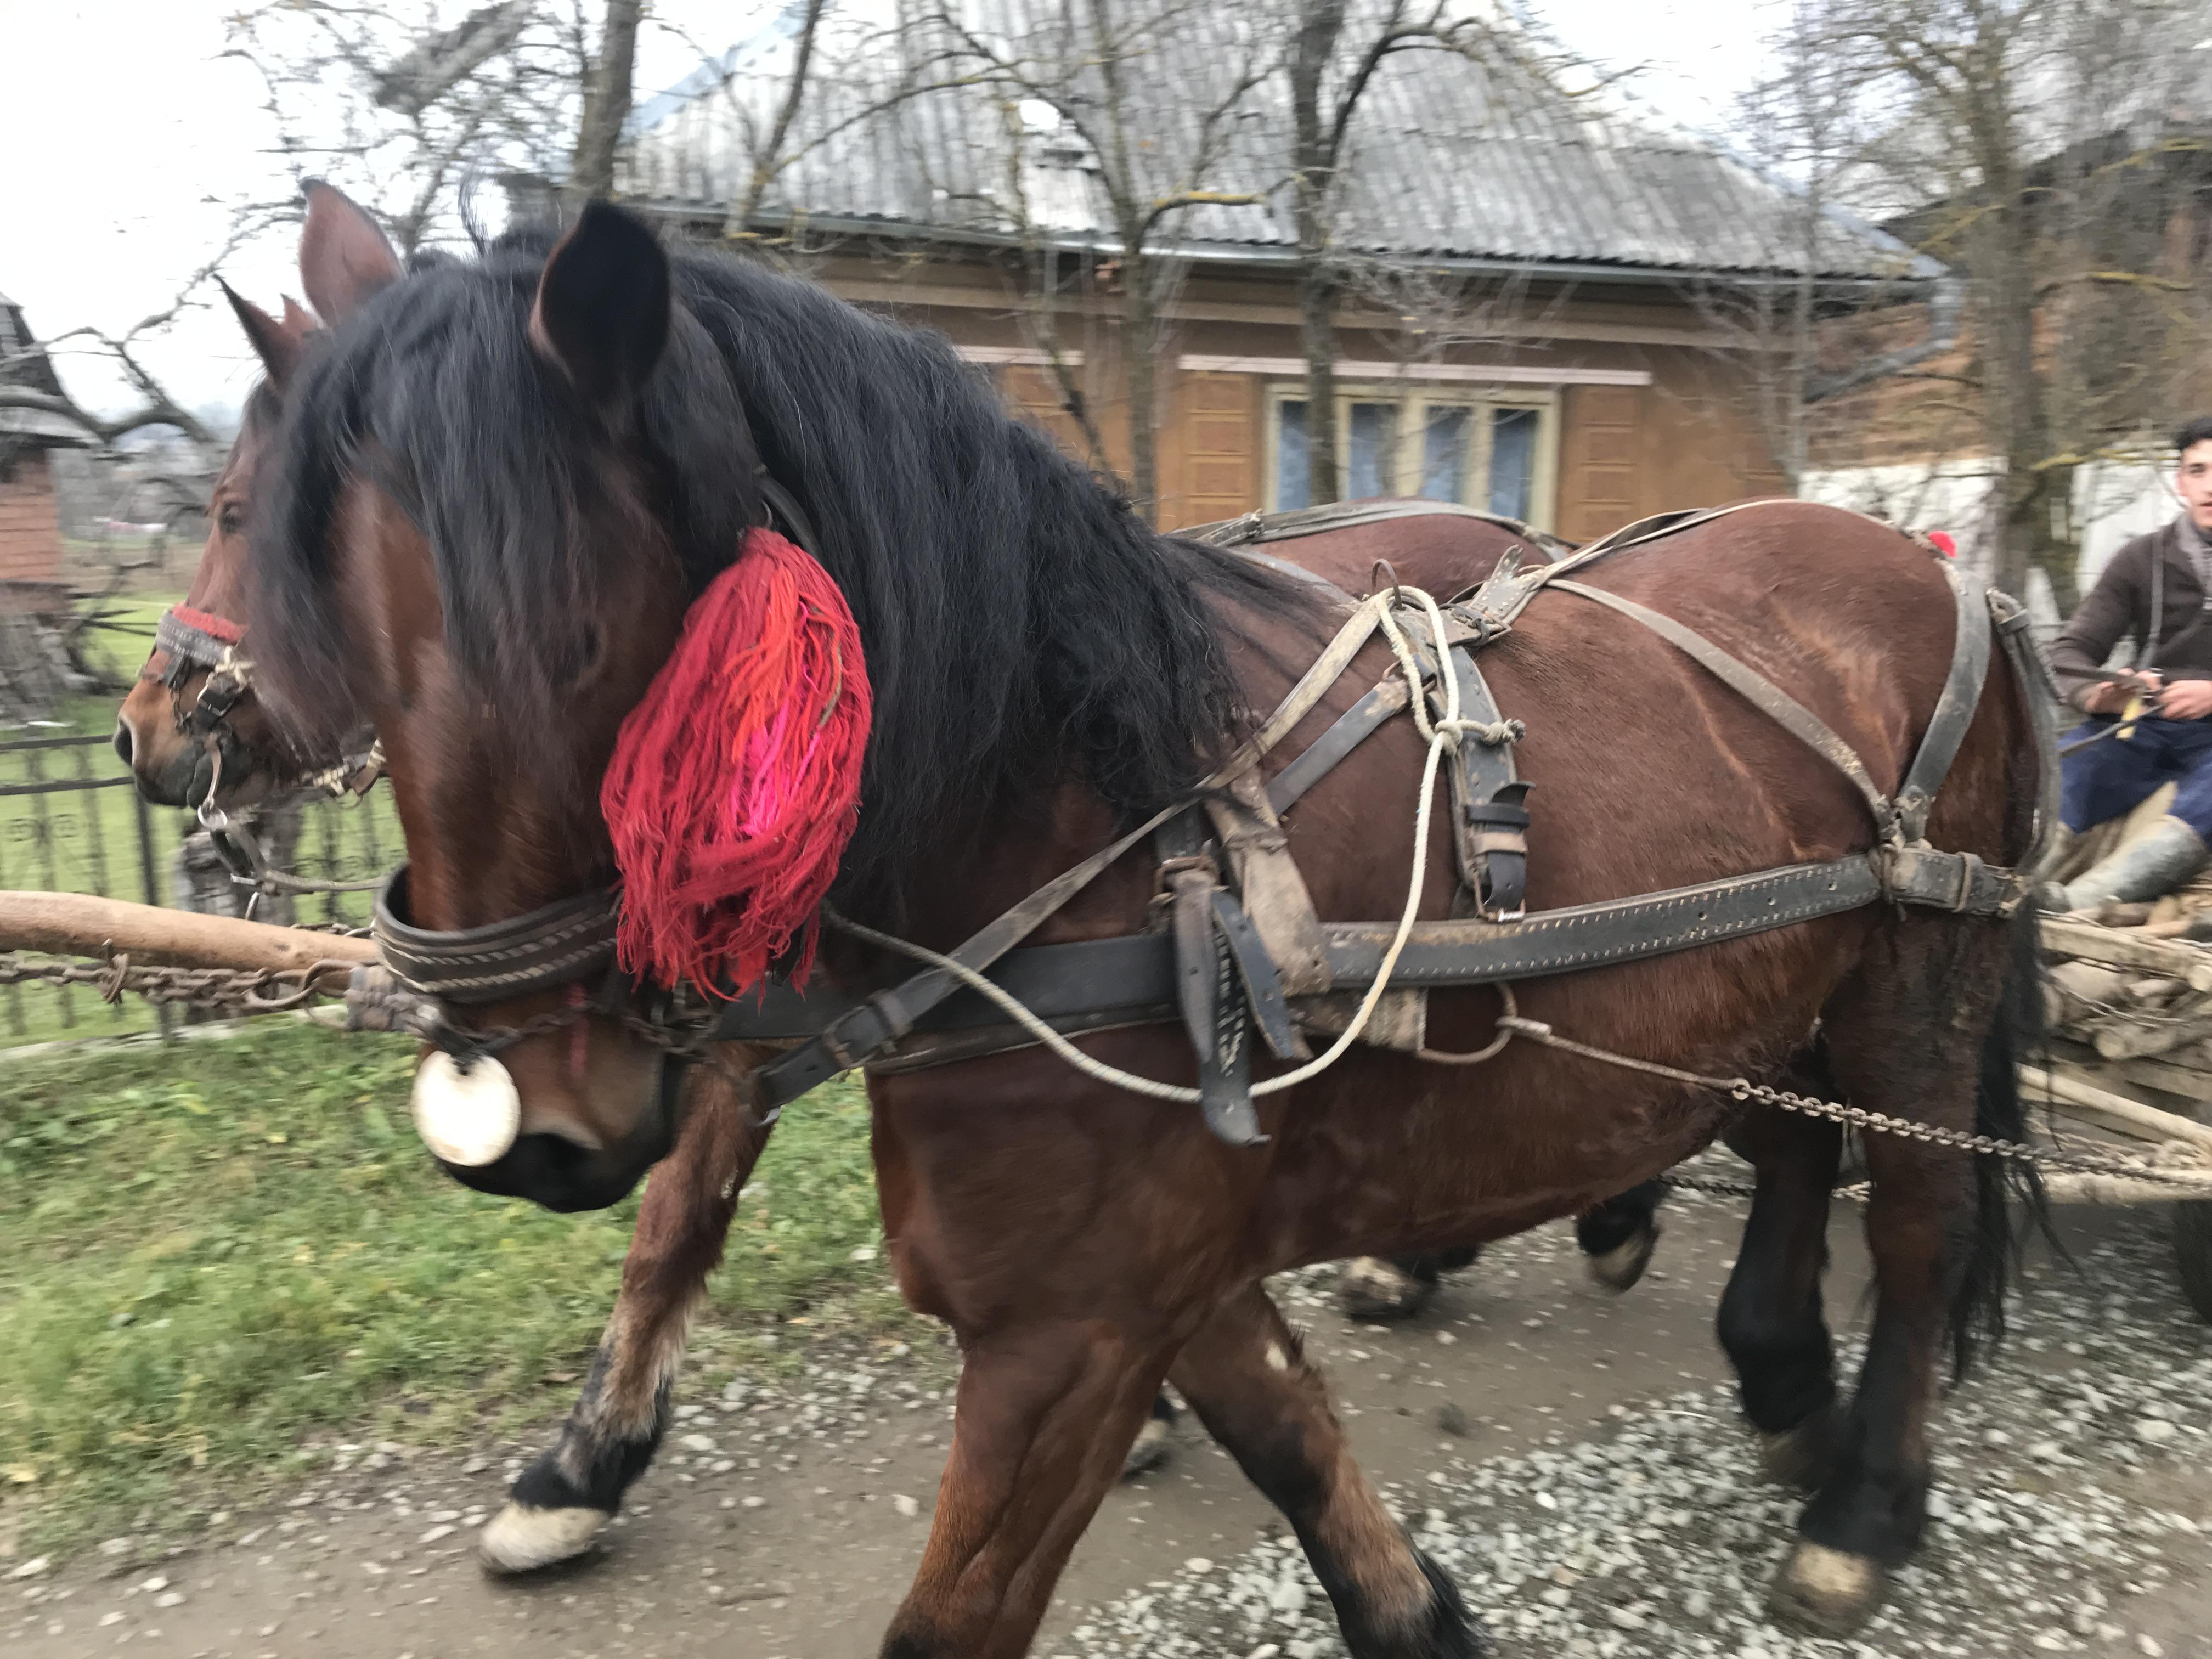 Horses in Maramures, Romania